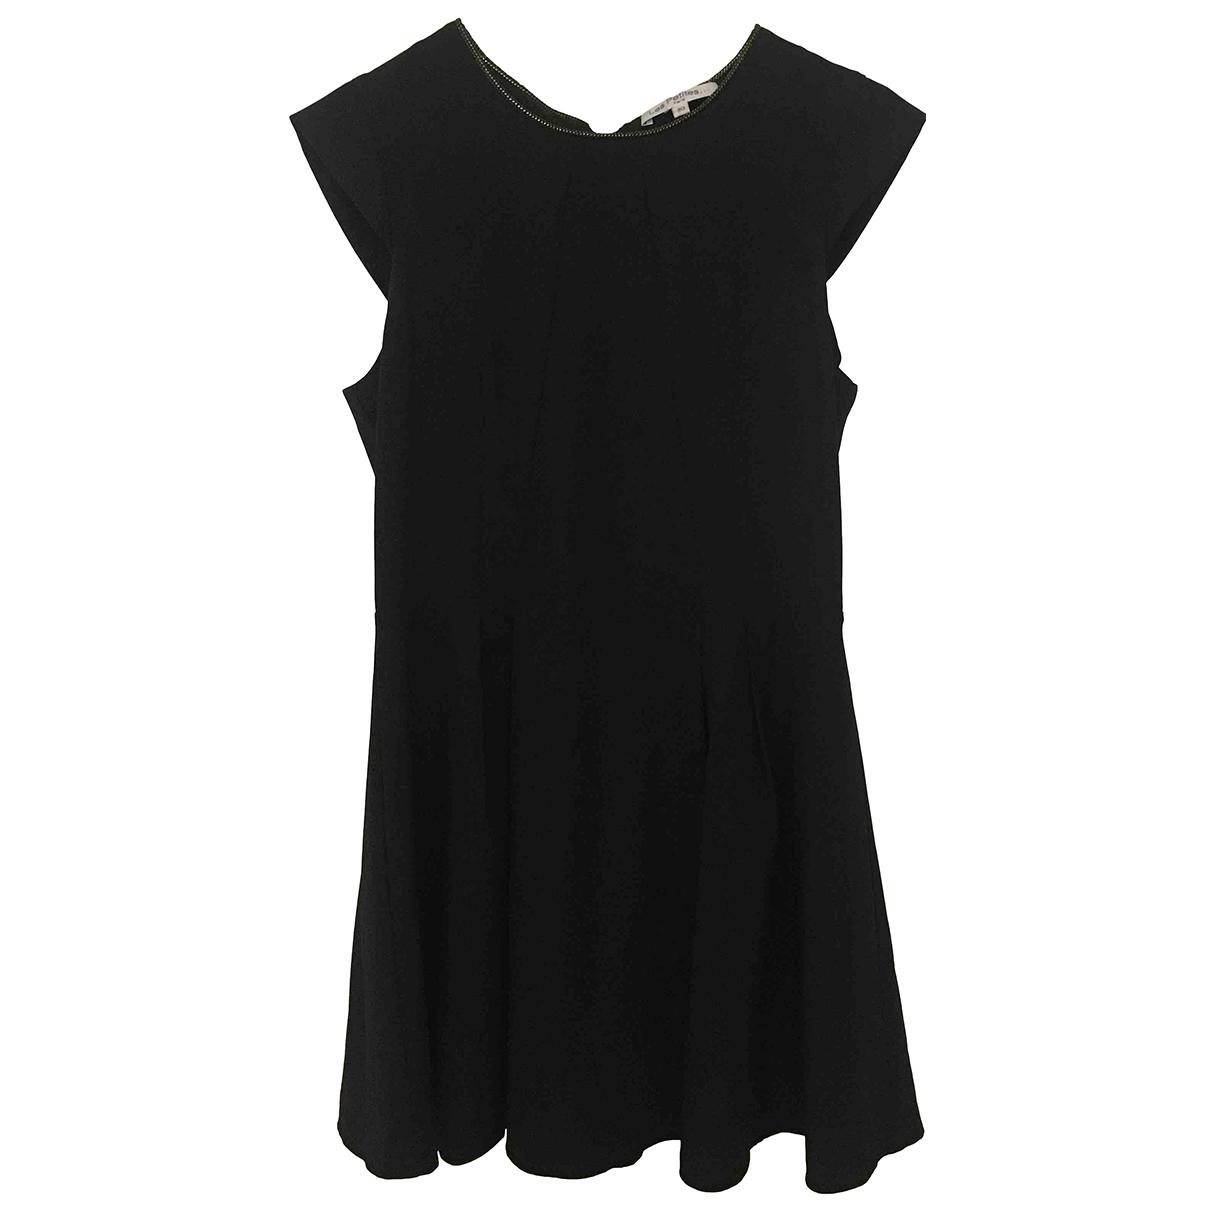 Les Petites \N Black skirt for Women 40 FR